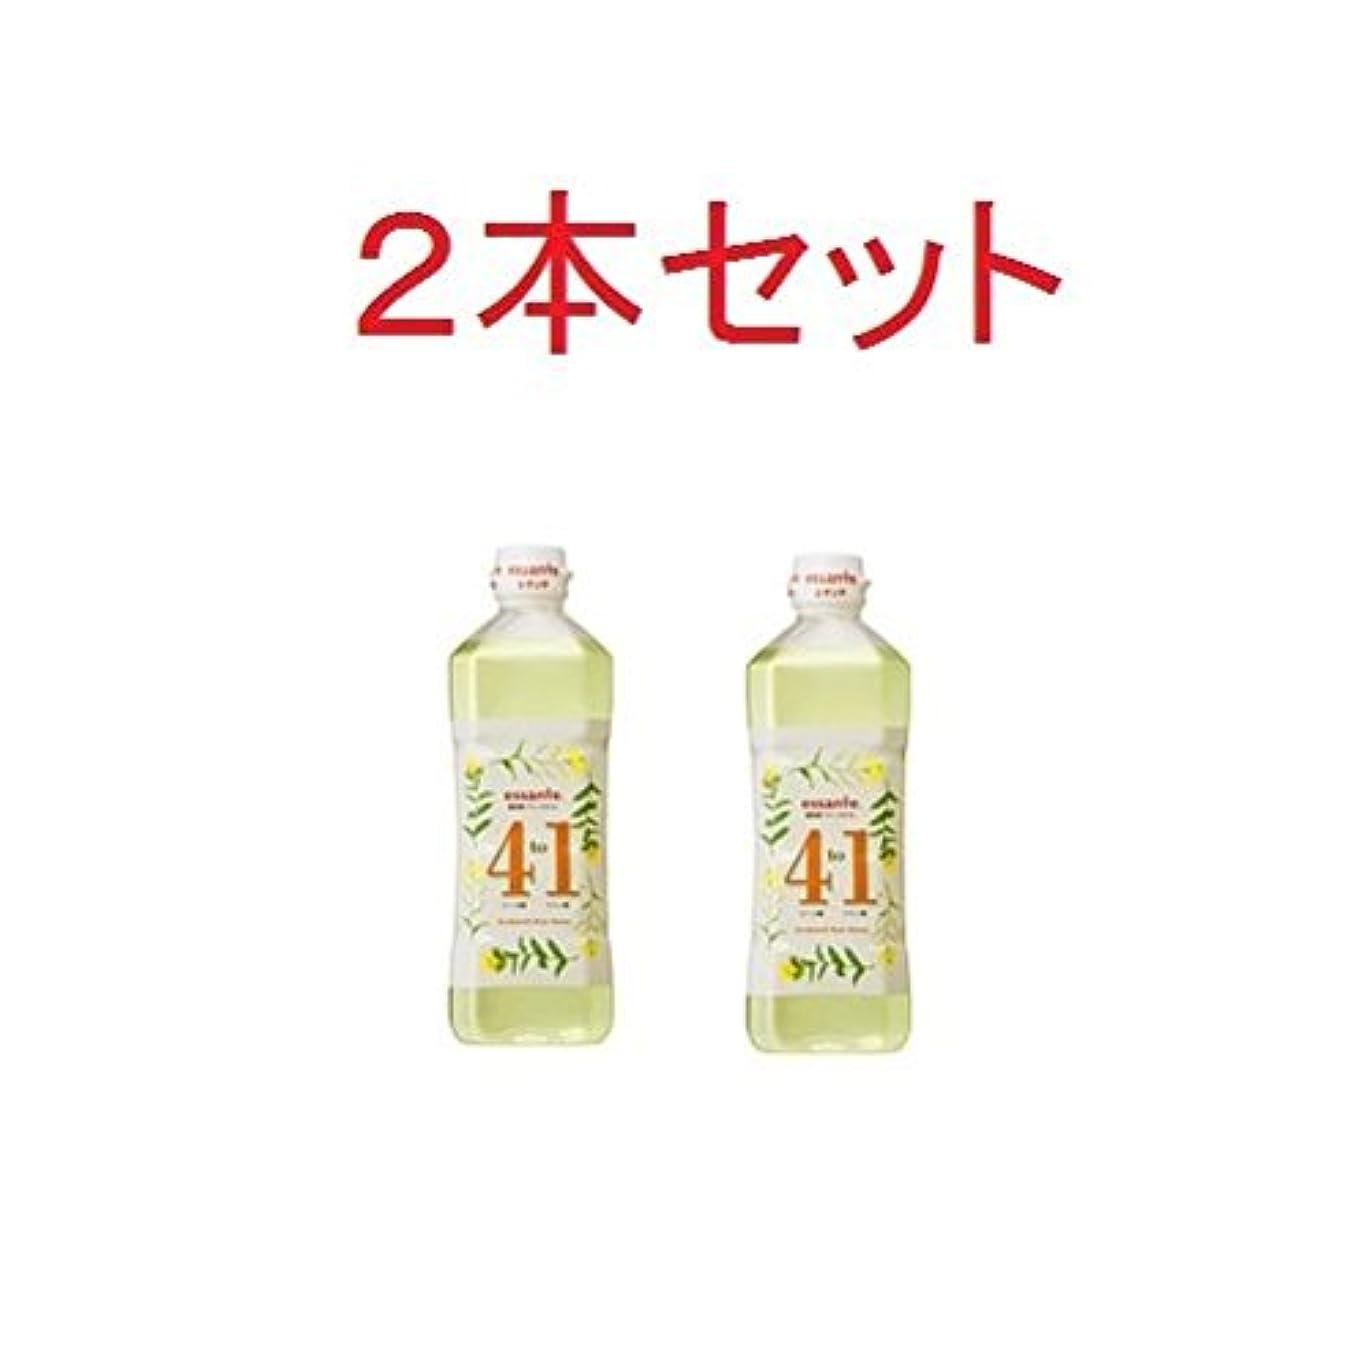 アイザック小麦粉明快2本セット アムウェイ エサンテ 4 to 1 脂肪酸バランスオイル